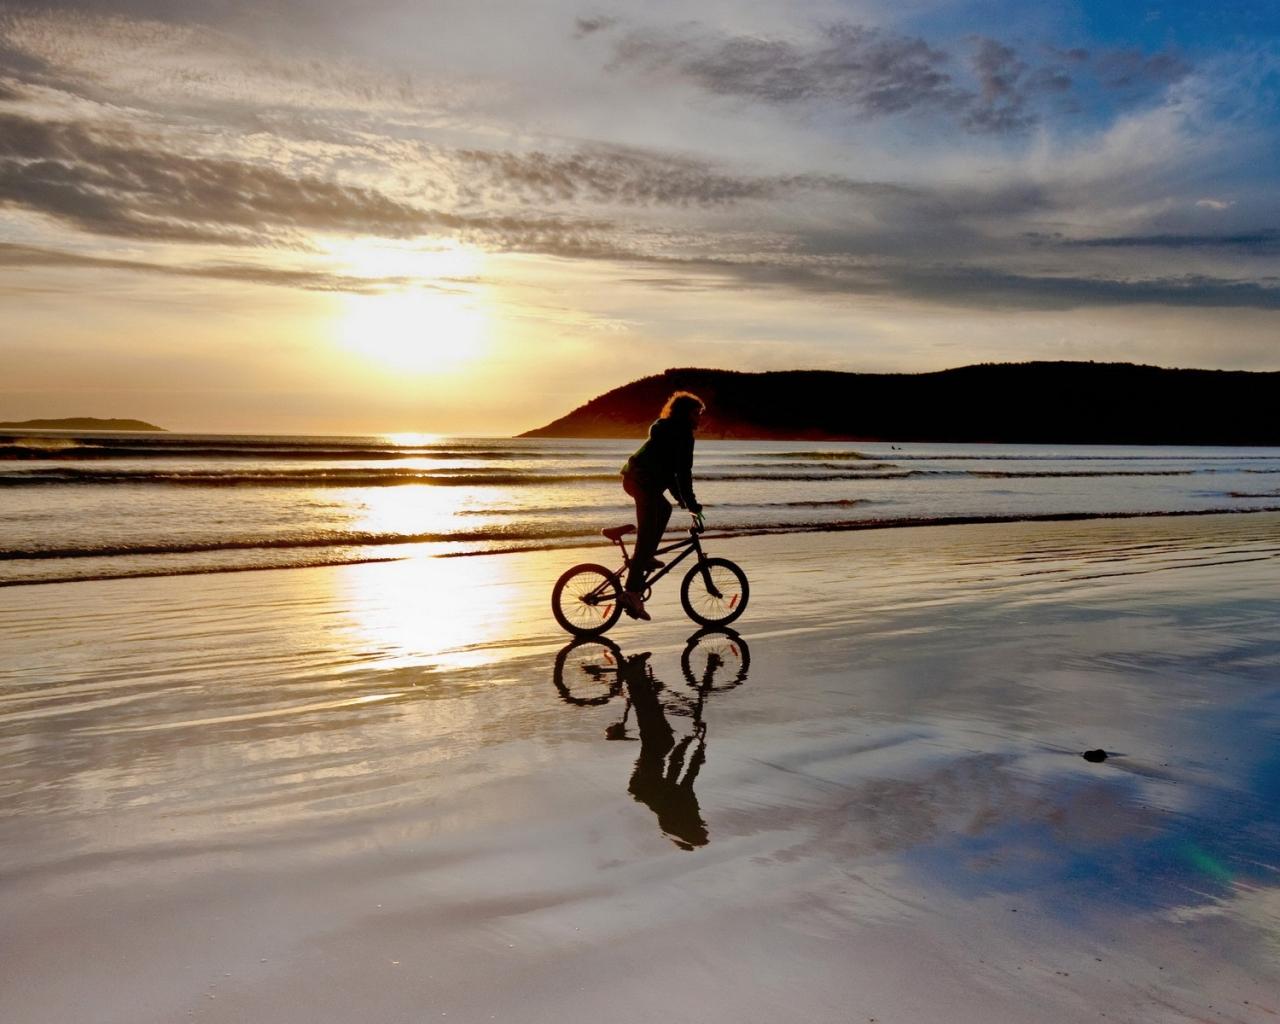 Paseando En BMX Por La Playa Hd 1280x1024